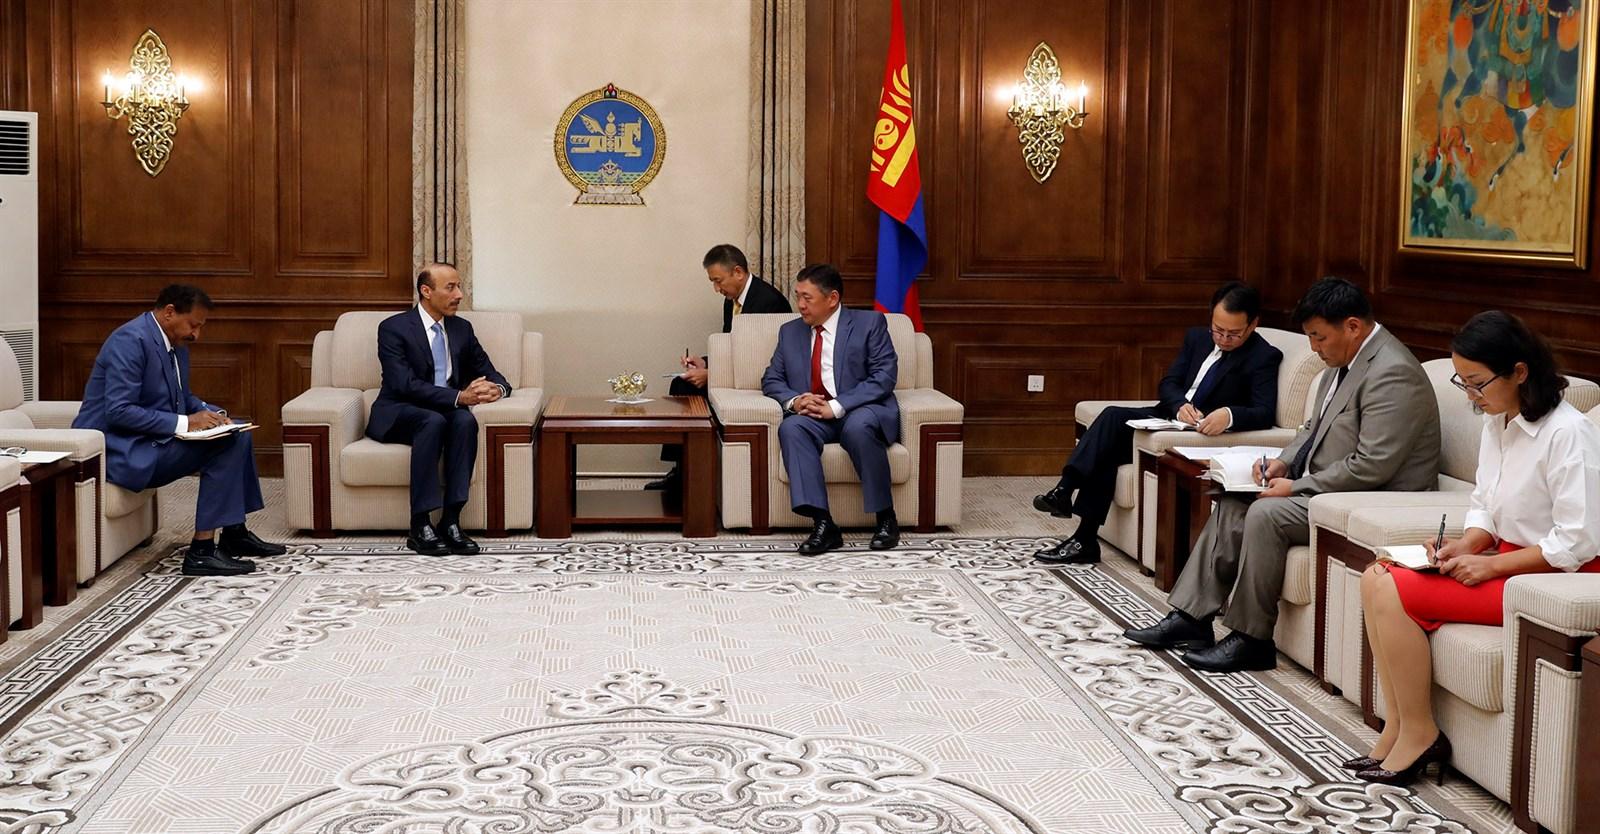 М.Энхболд: Монгол Улс Булангийн орнуудын хооронд үүссэн асуудлыг энхийн замаар шийдвэрлэхэд зуучийн үүрэг гүйцэтгэхэд бэлэн байна